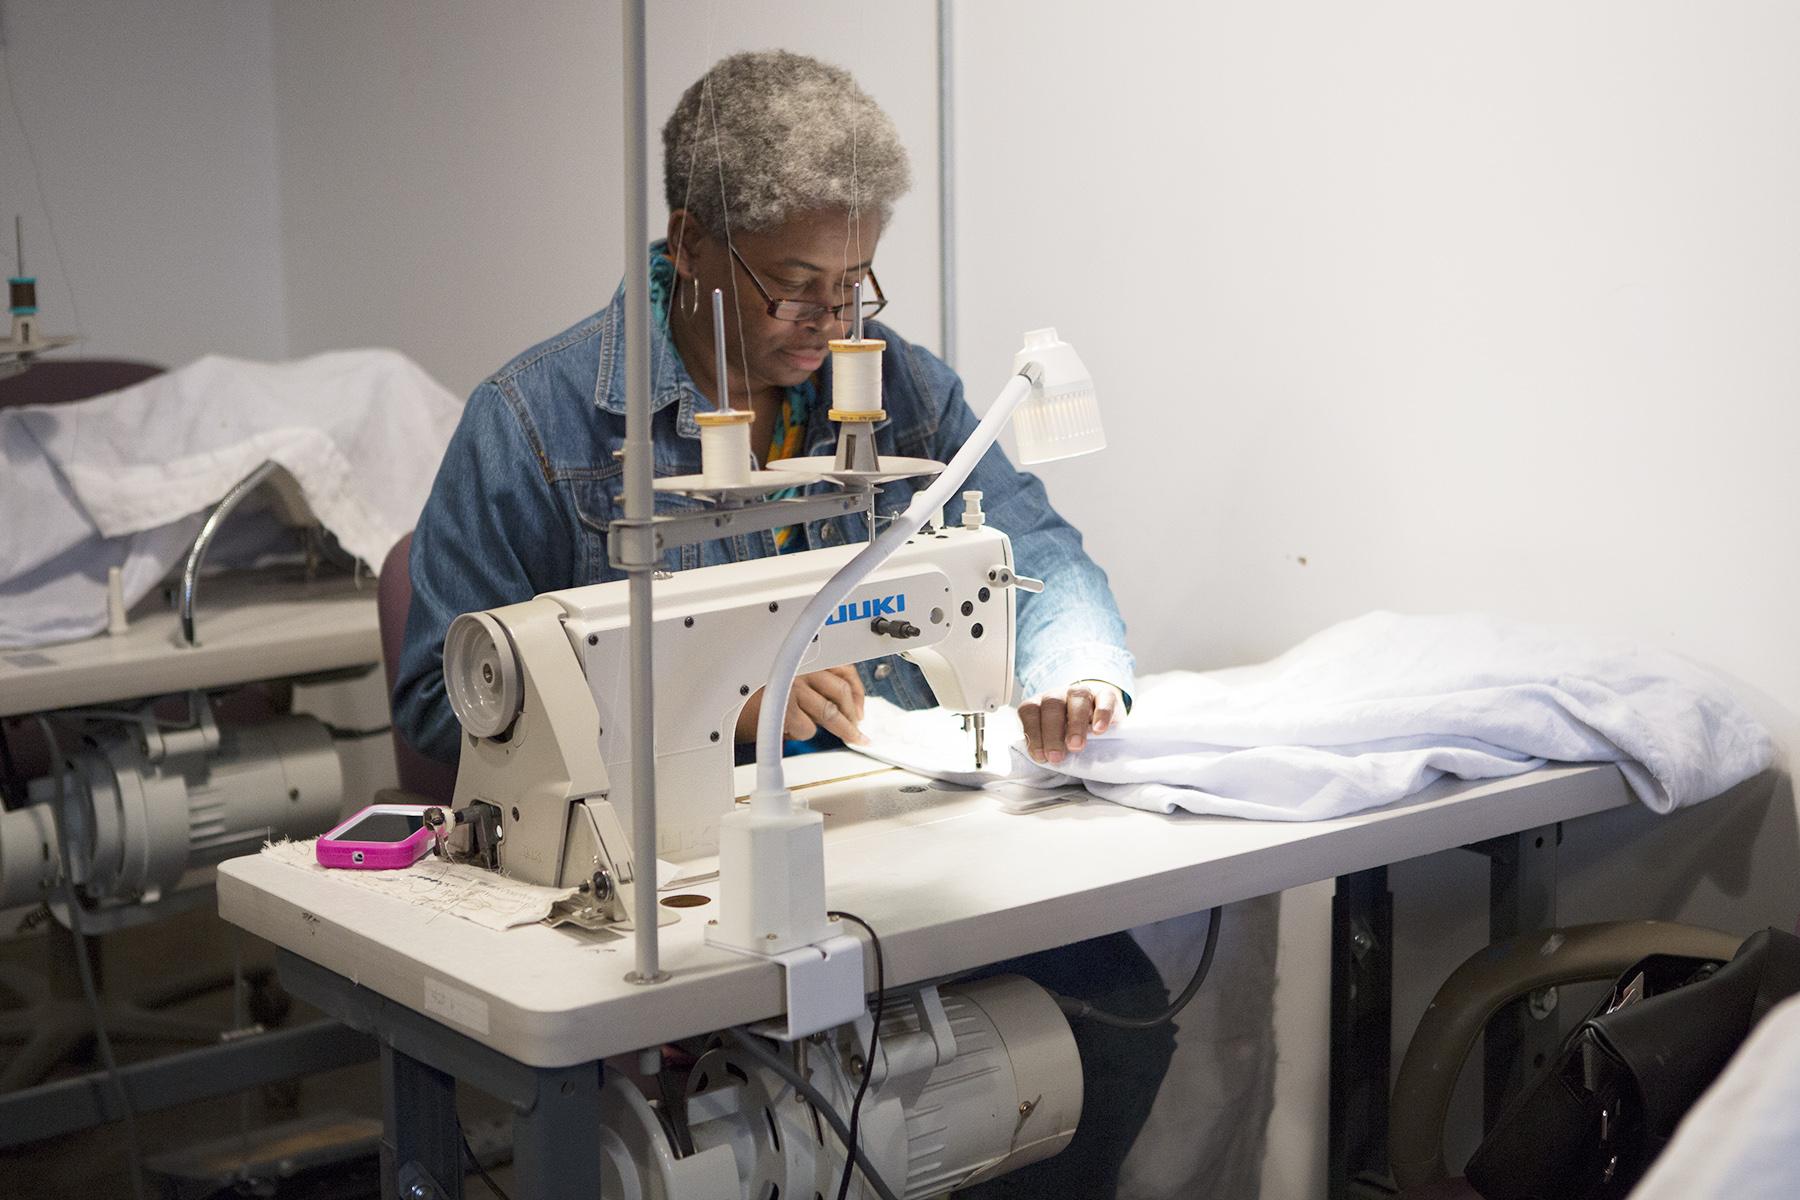 worker-sewingmachine.jpg